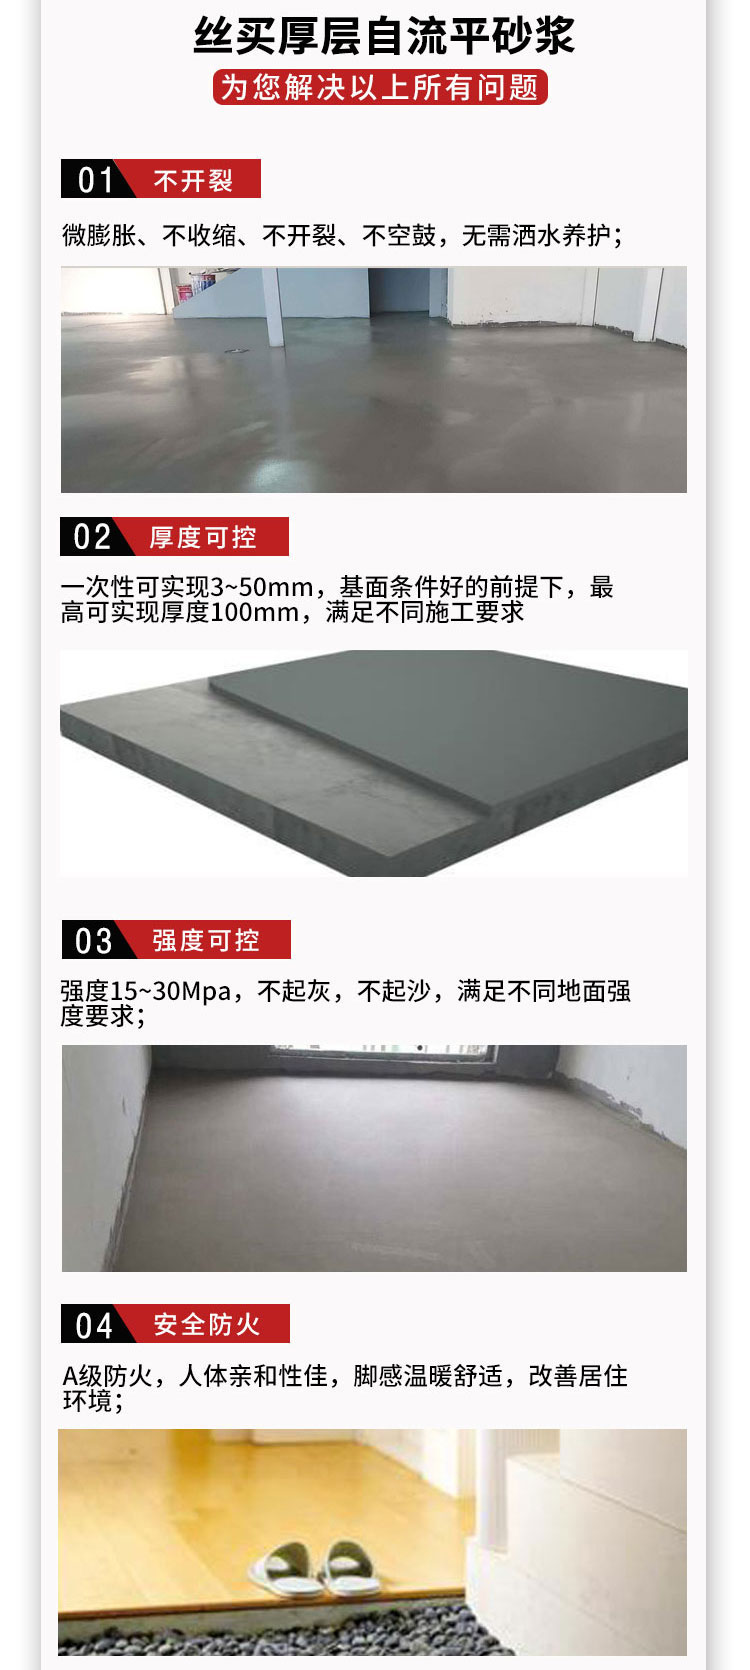 温州石膏基自流平多少钱一平 浙江石膏基厚层自流平砂浆 石膏自流平生产厂家